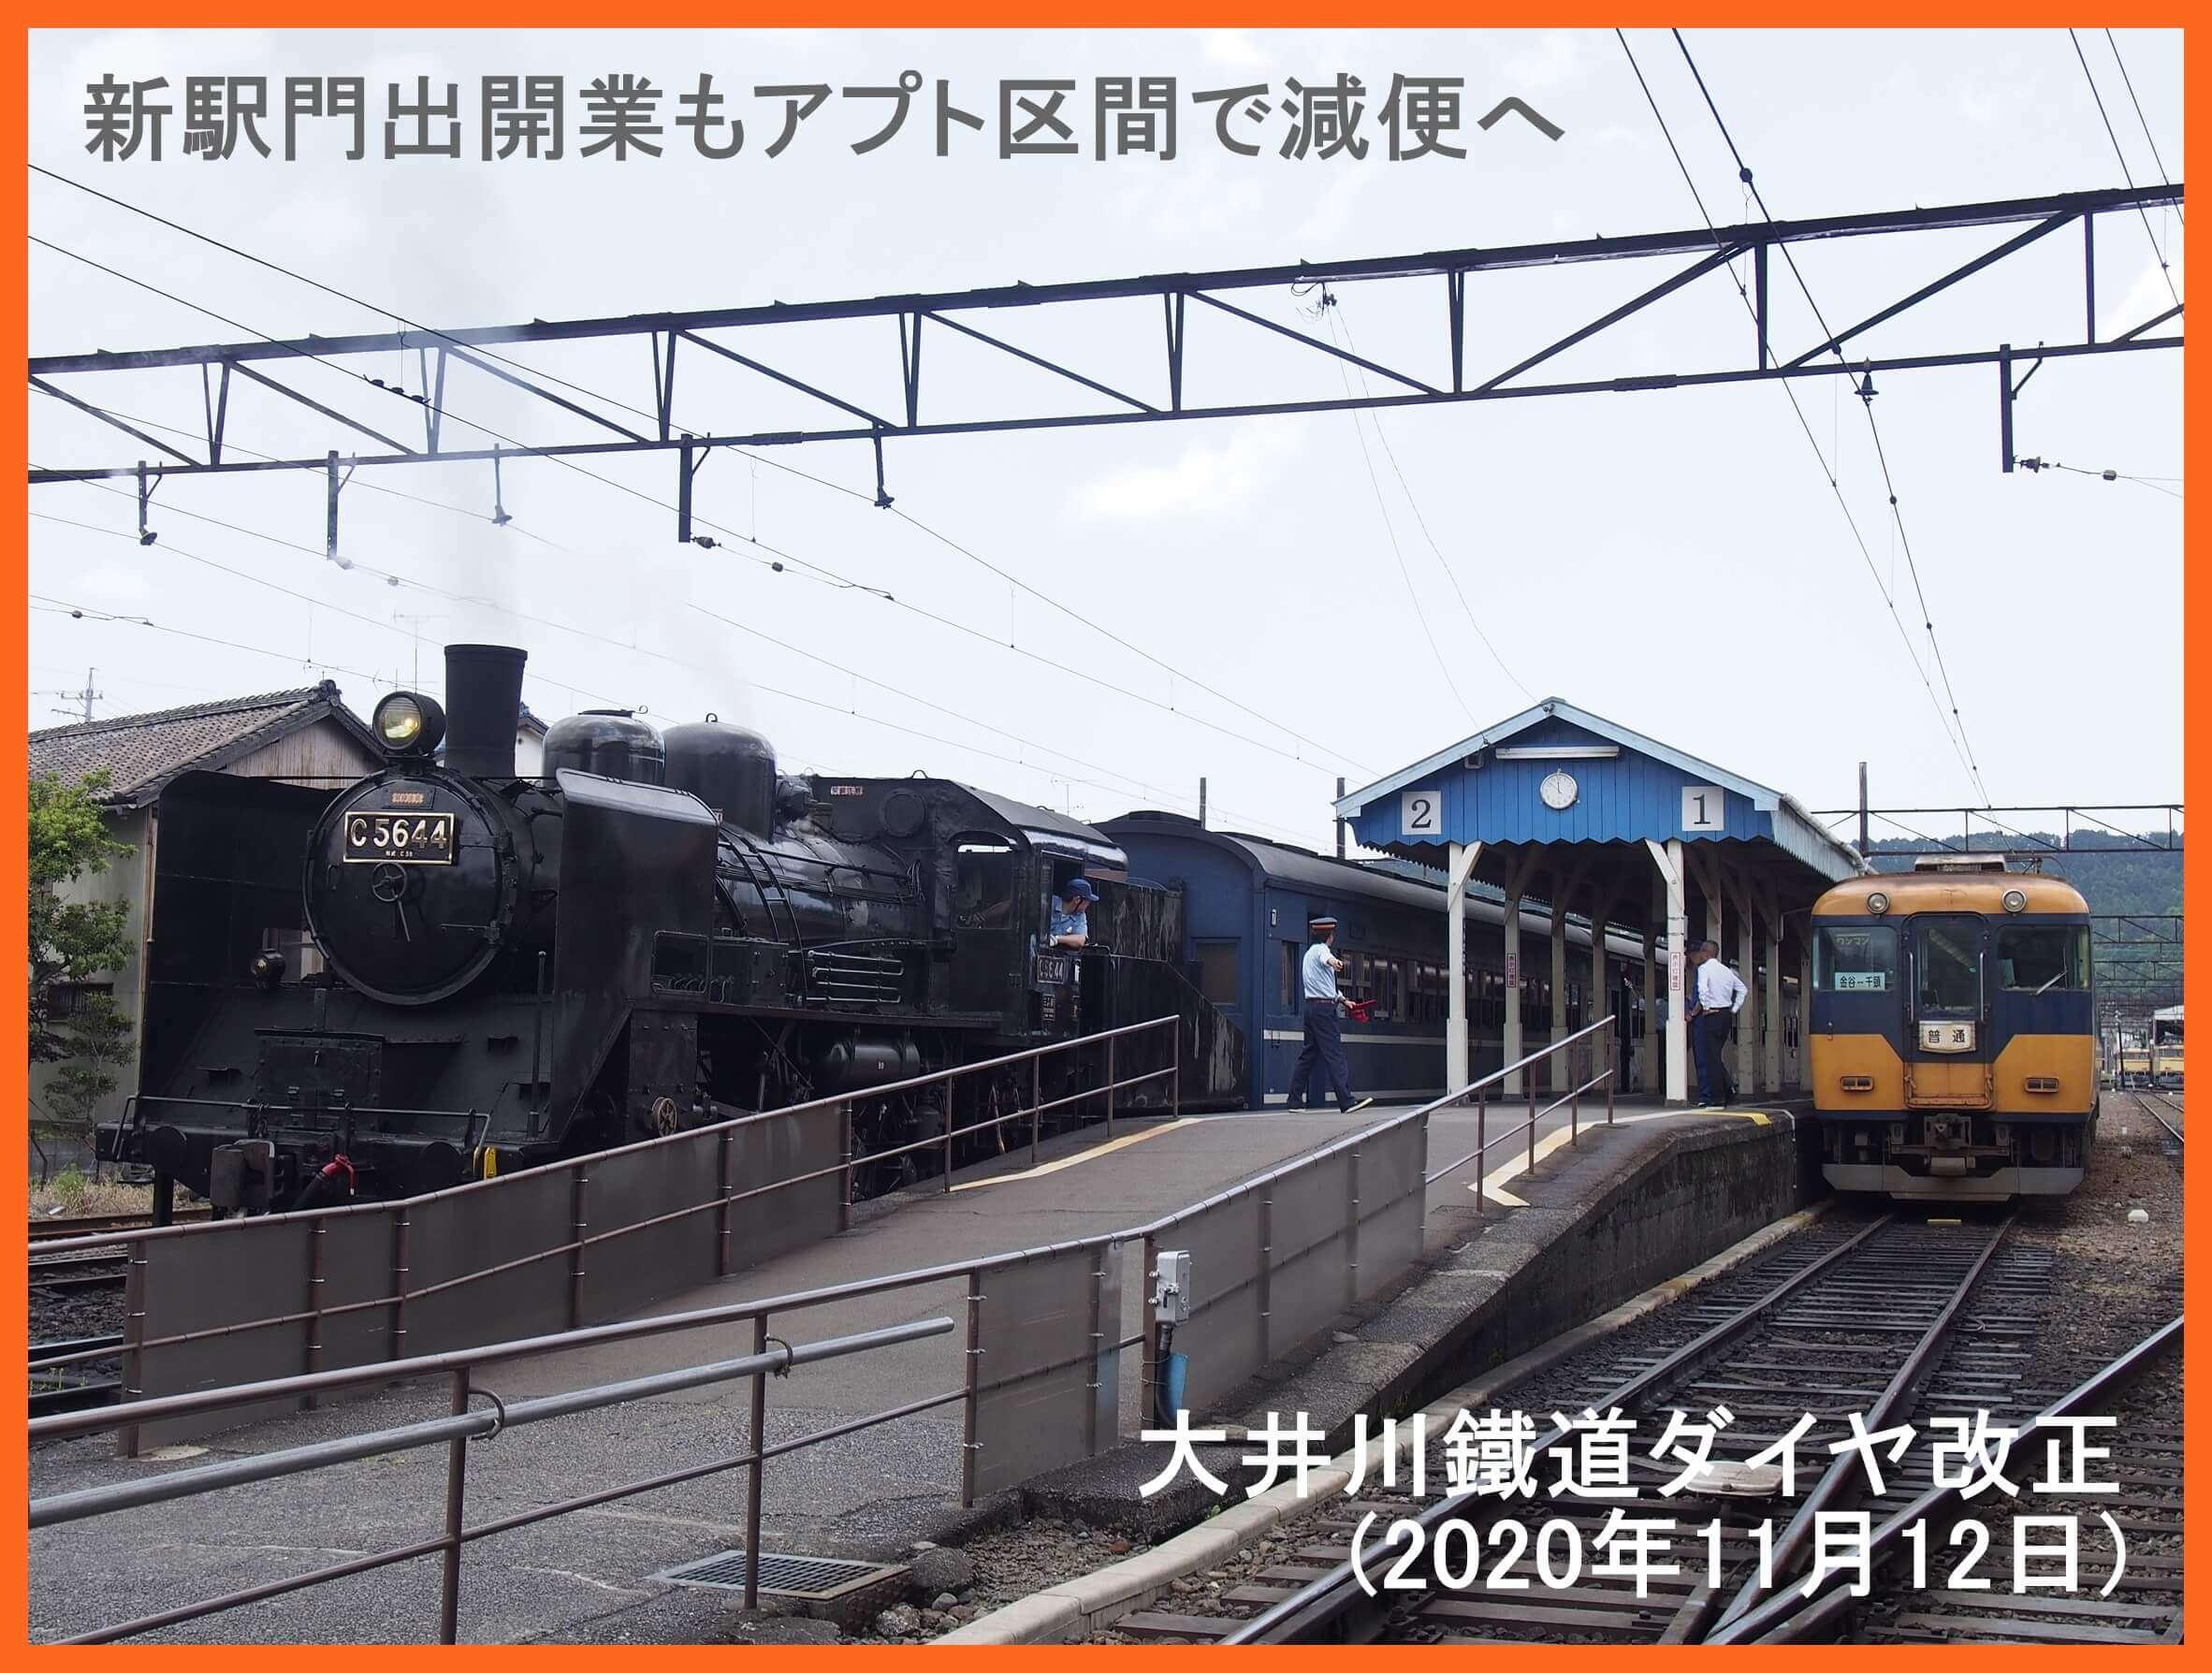 新駅開業もアプト区間で減便へ 大井川鐵道ダイヤ改正(2020年11月12日)